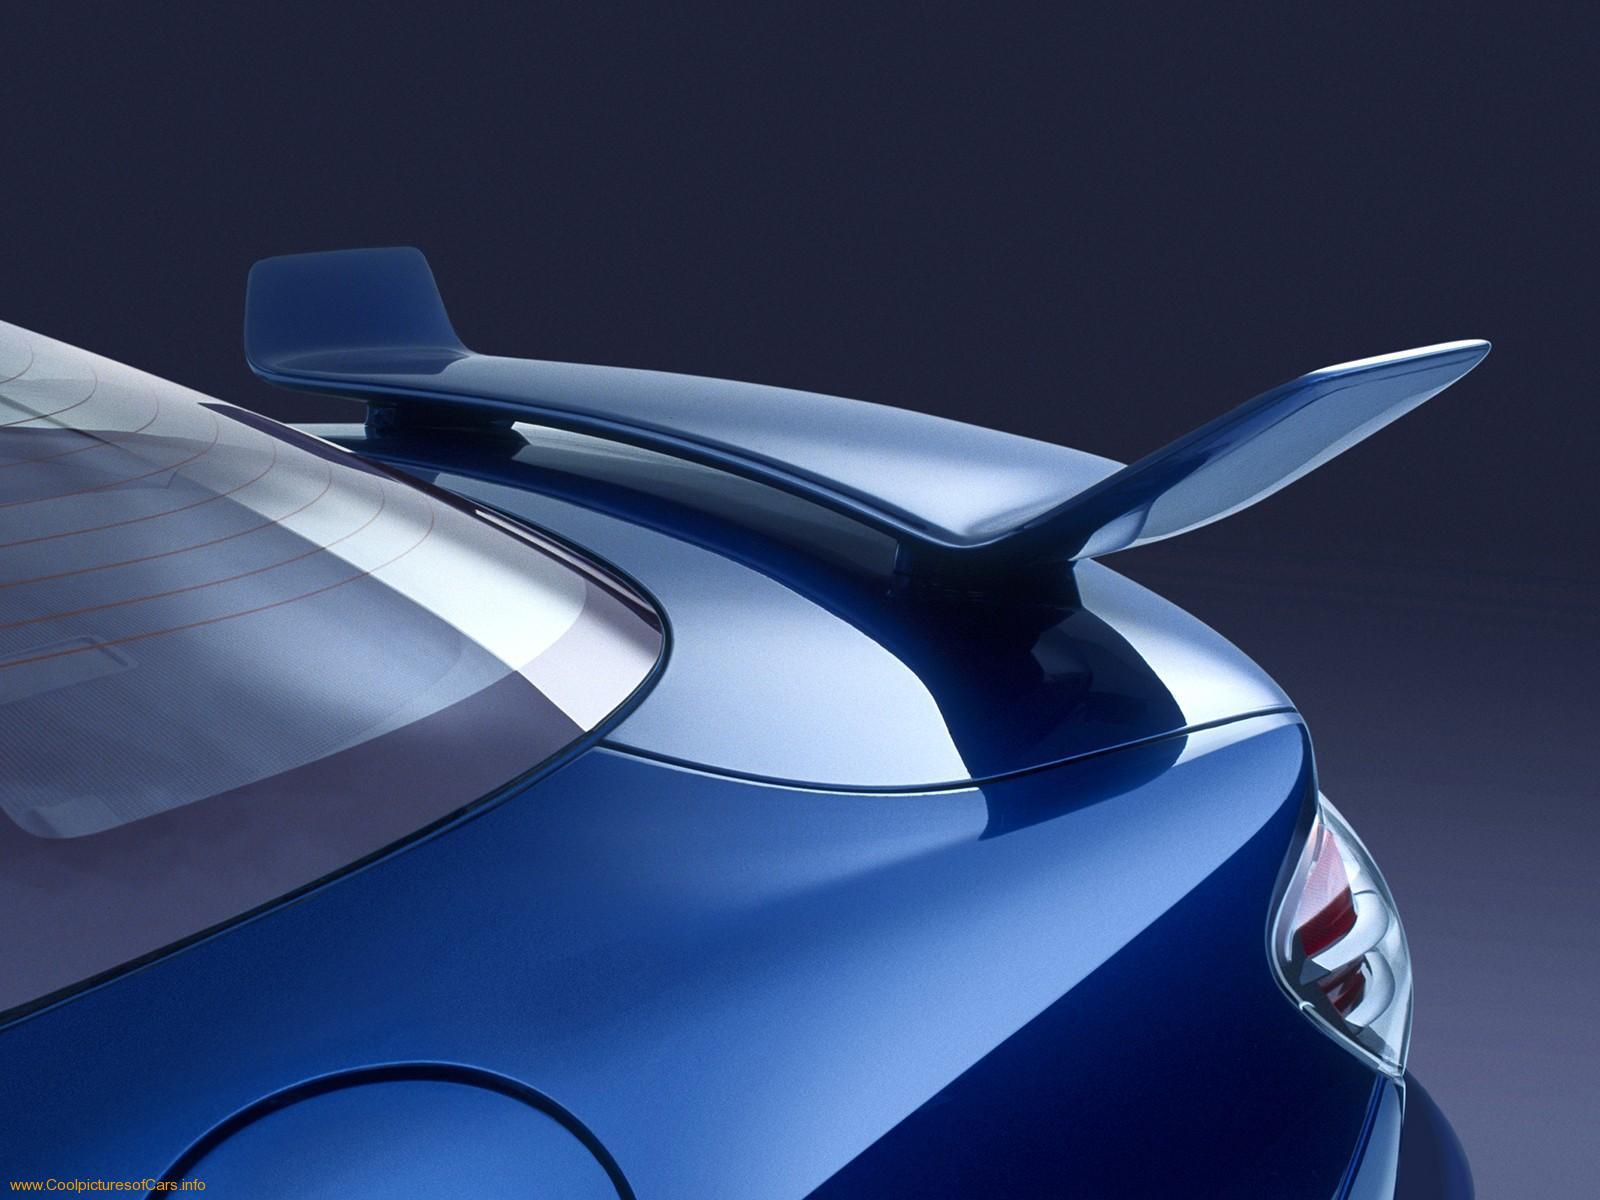 http://2.bp.blogspot.com/-fTDxgv1C3TA/TdSTy9ymz6I/AAAAAAAAEDA/jaC2IUuuw_4/s1600/Mazda-RX8-061-1.jpeg